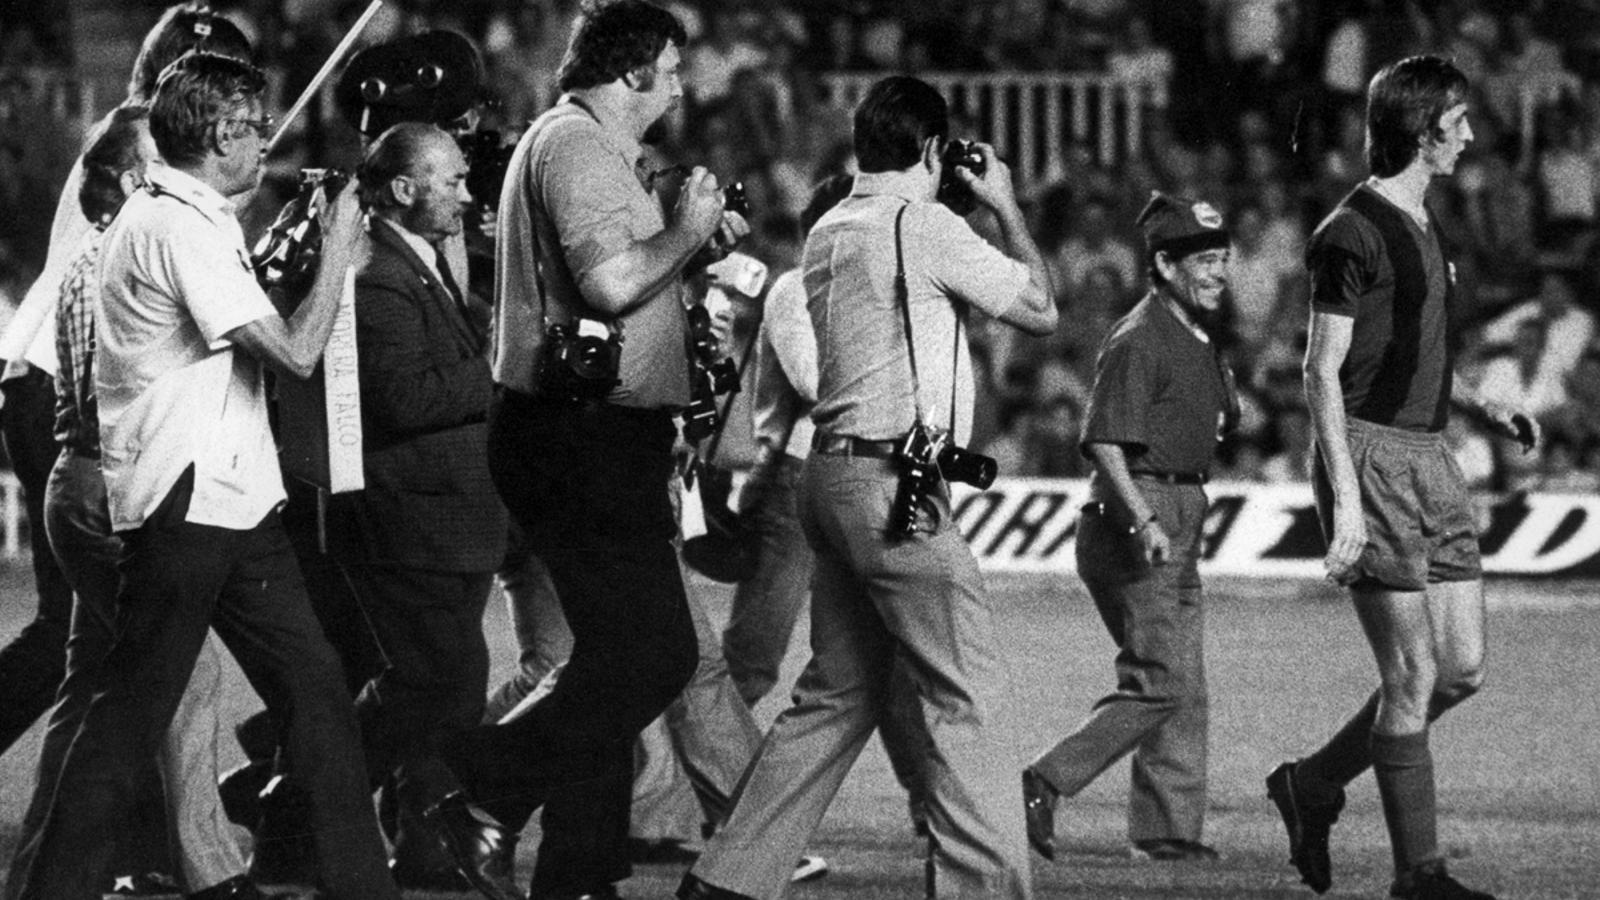 Els fotògrafs persegueixen a Cruyff el dia del seu debut l'any 1973.